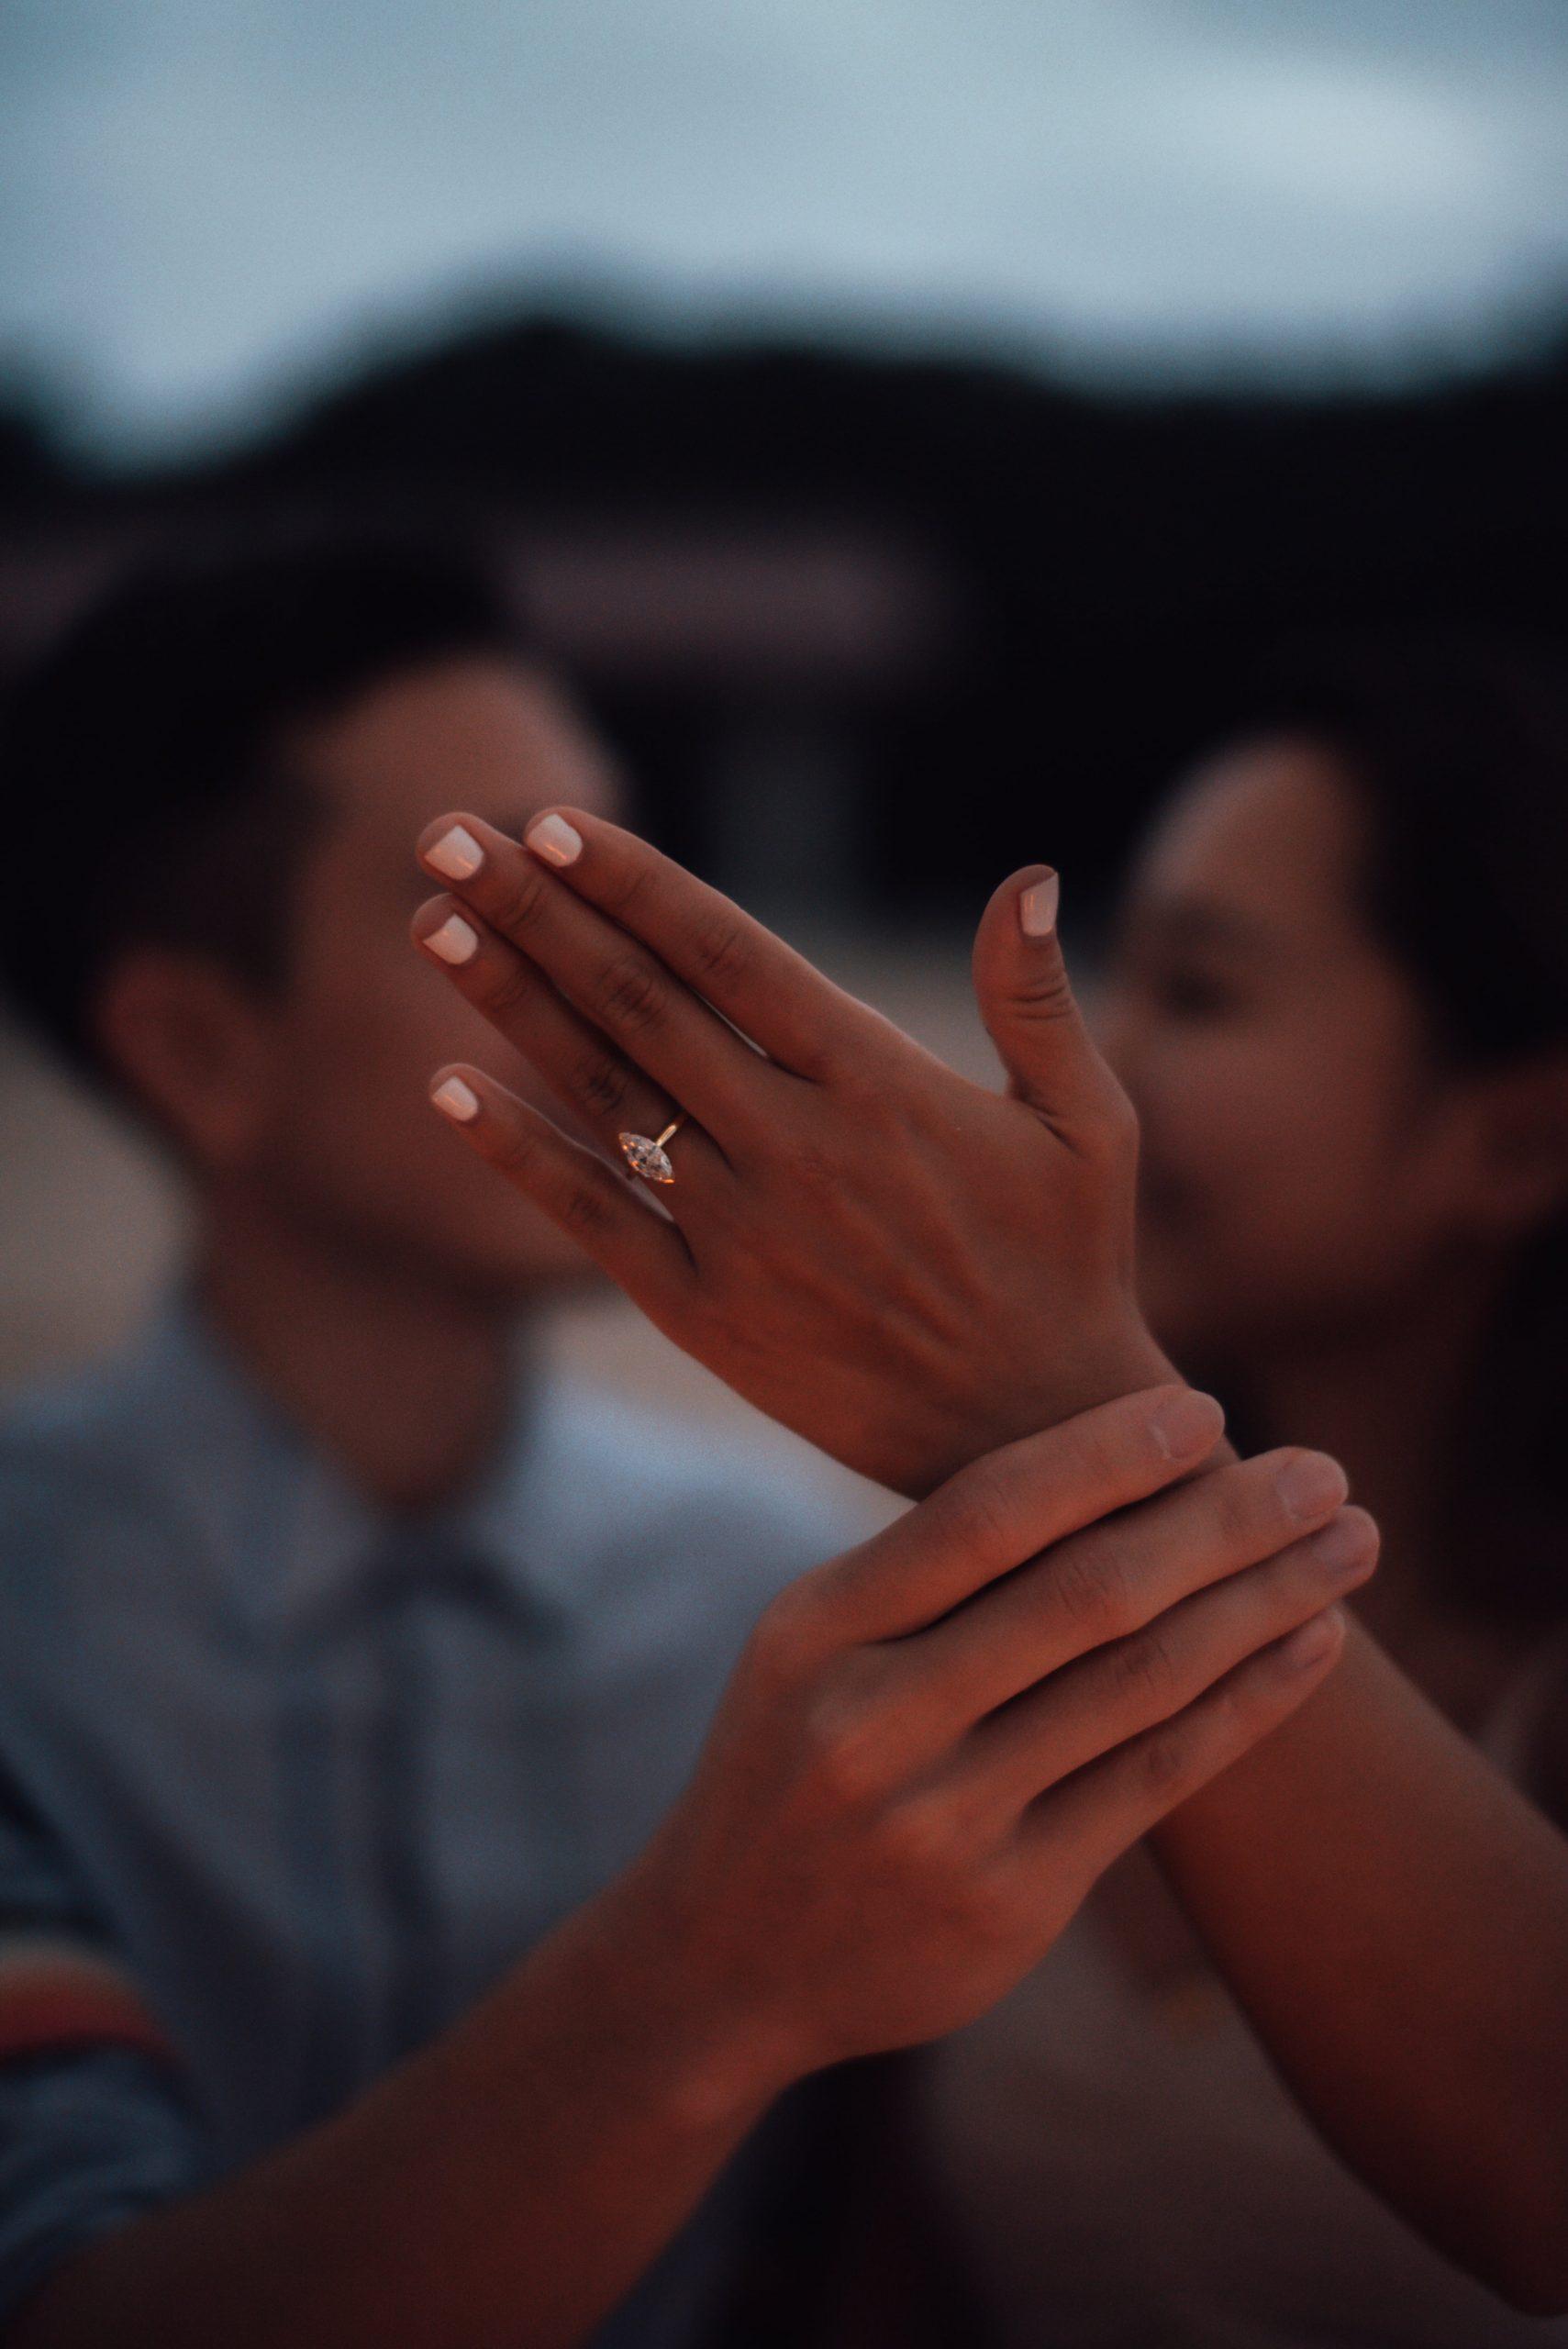 サプライズプロポーズで彼からプレゼントした指輪